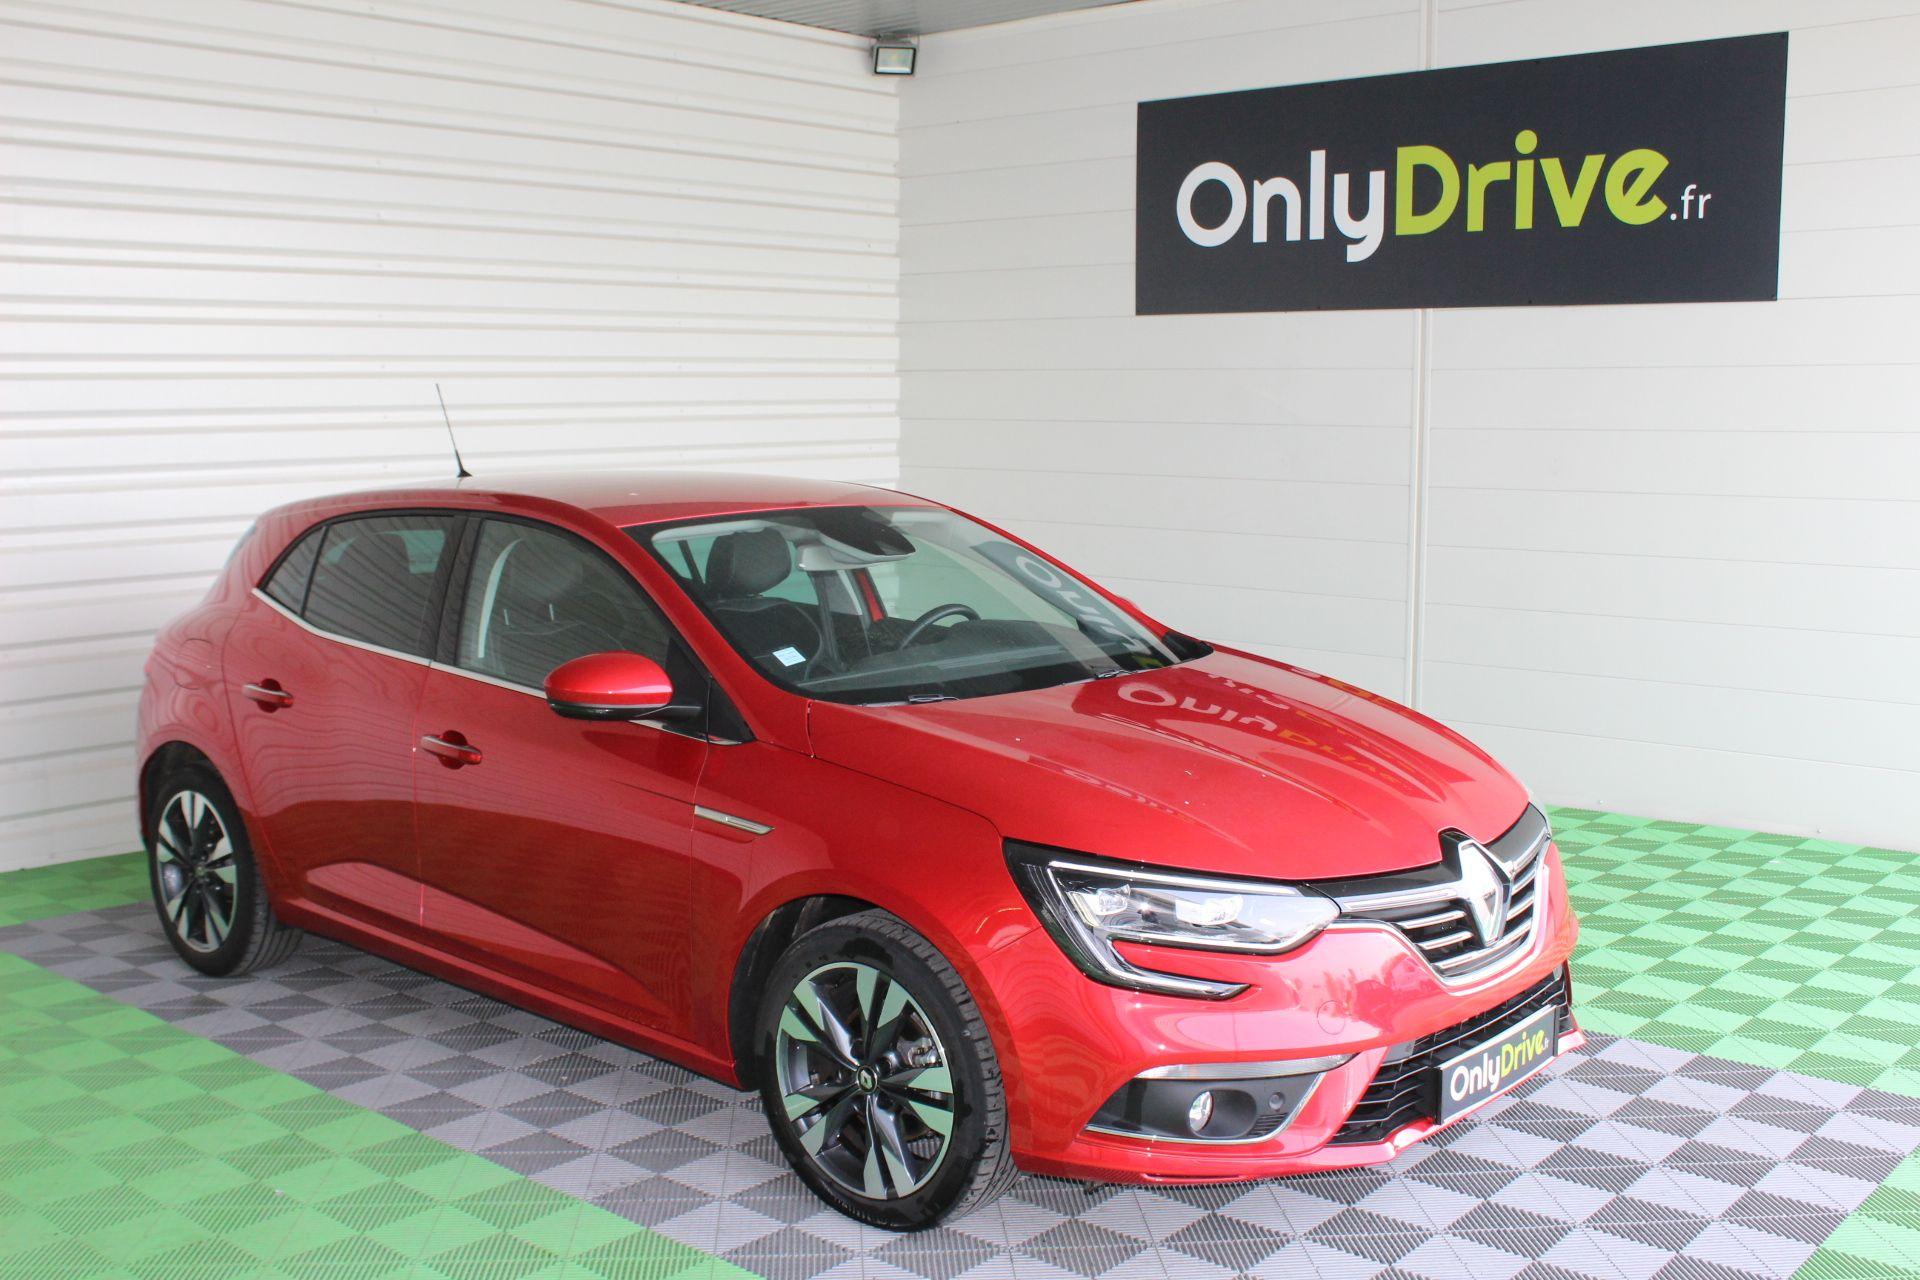 Epingle Sur Vente De Vehicules Neufs Et Occasions Renault By